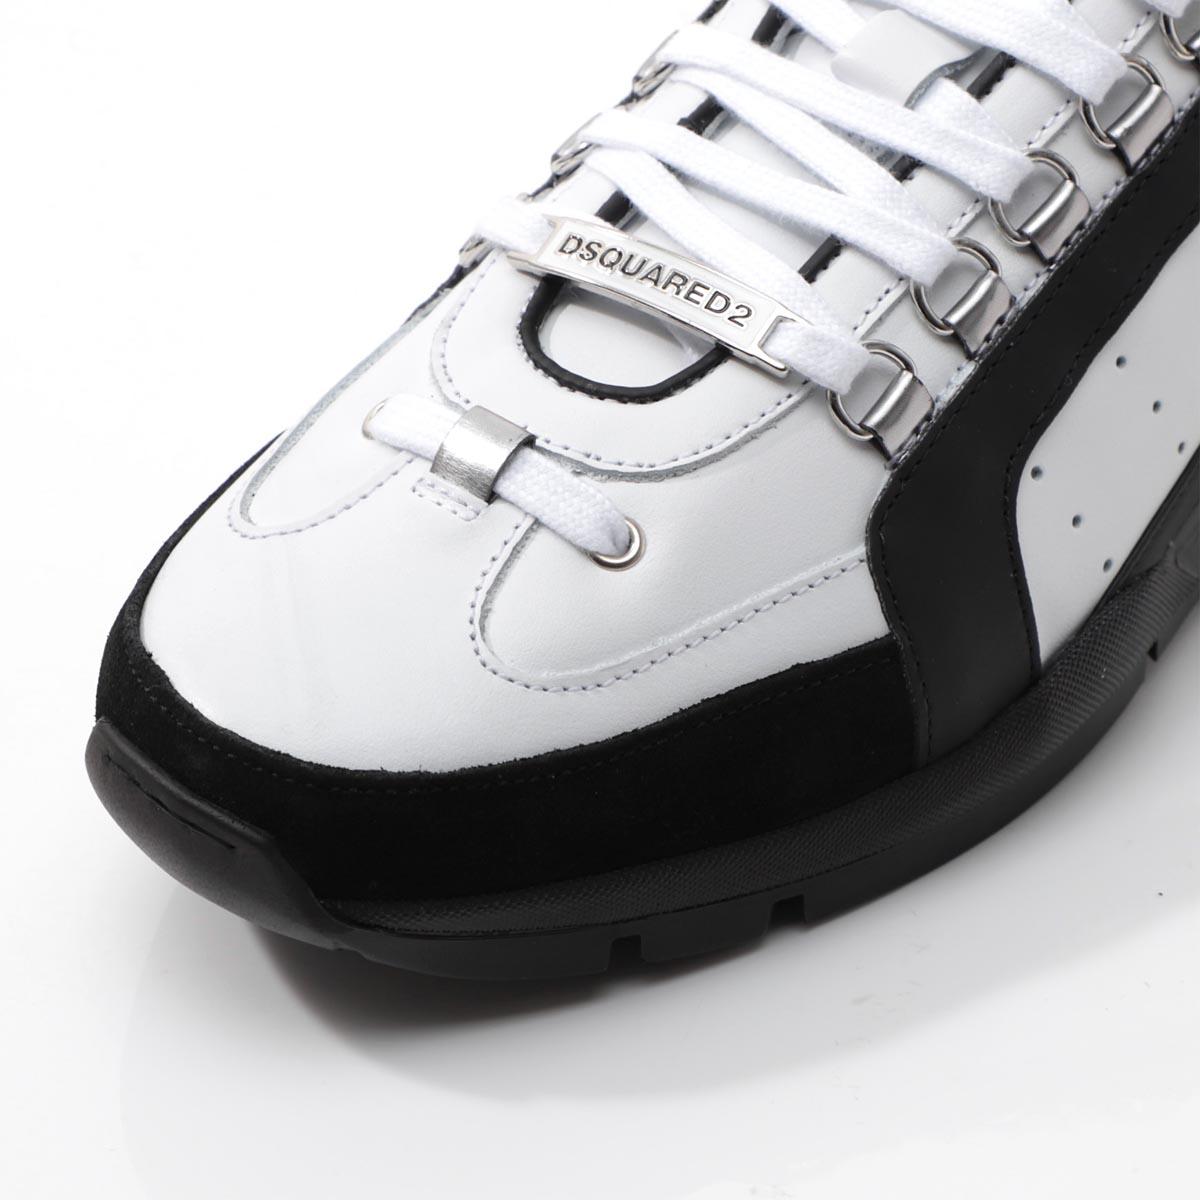 ディースクエアード DSQUARED2 スニーカー ホワイト メンズ シューズ 靴 カジュアル 大きいサイズあり snm0404 065b0001 m072 551 SNEAKERS あす楽対応 関東返品送料無料ラッピング無料zSMVpLqGU